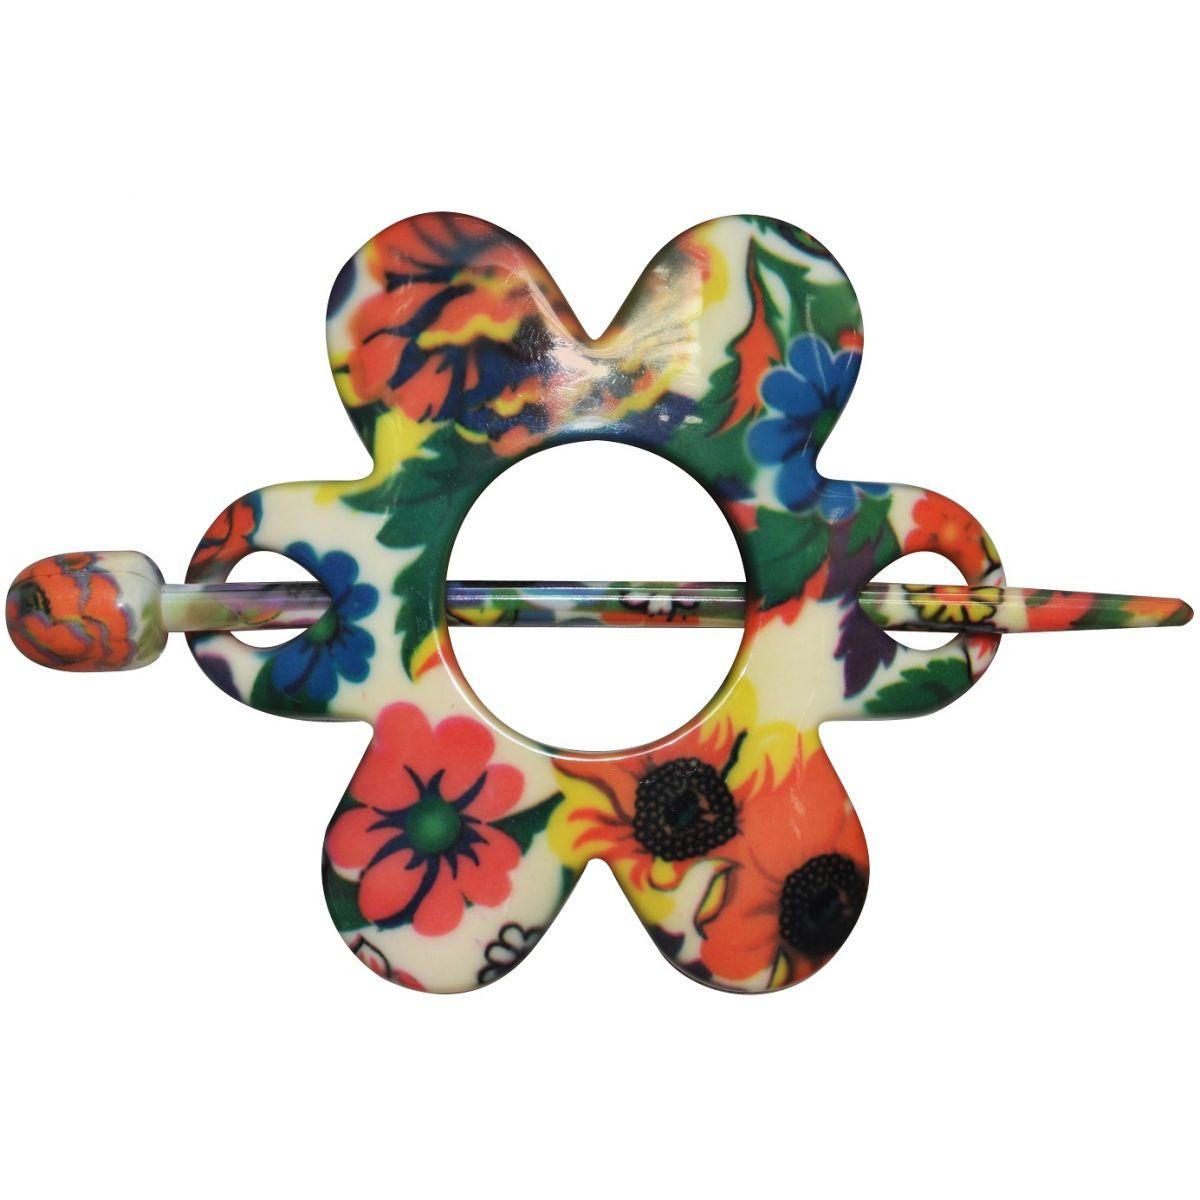 Prendedor Especial Estampada Formato Flor Para Cabelos - 2 Unidades